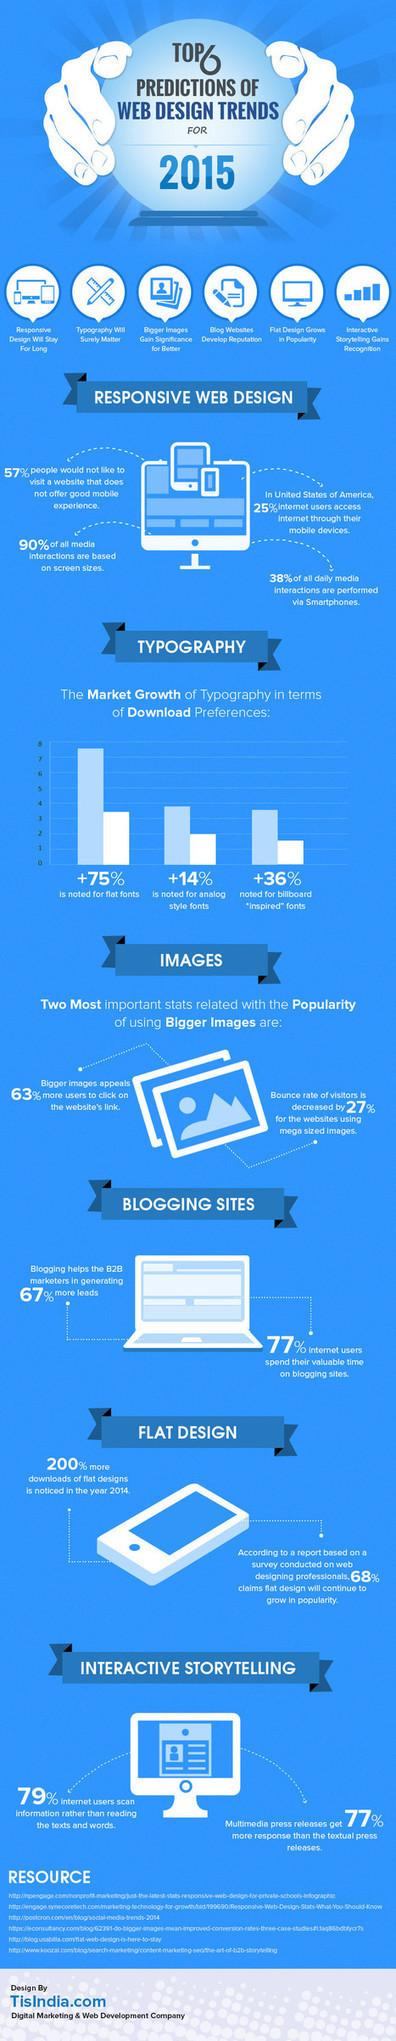 6 prédictions et tendances Web Design pour 2015 ! [Infographie] #Responsive | Ecrire Web | Scoop.it